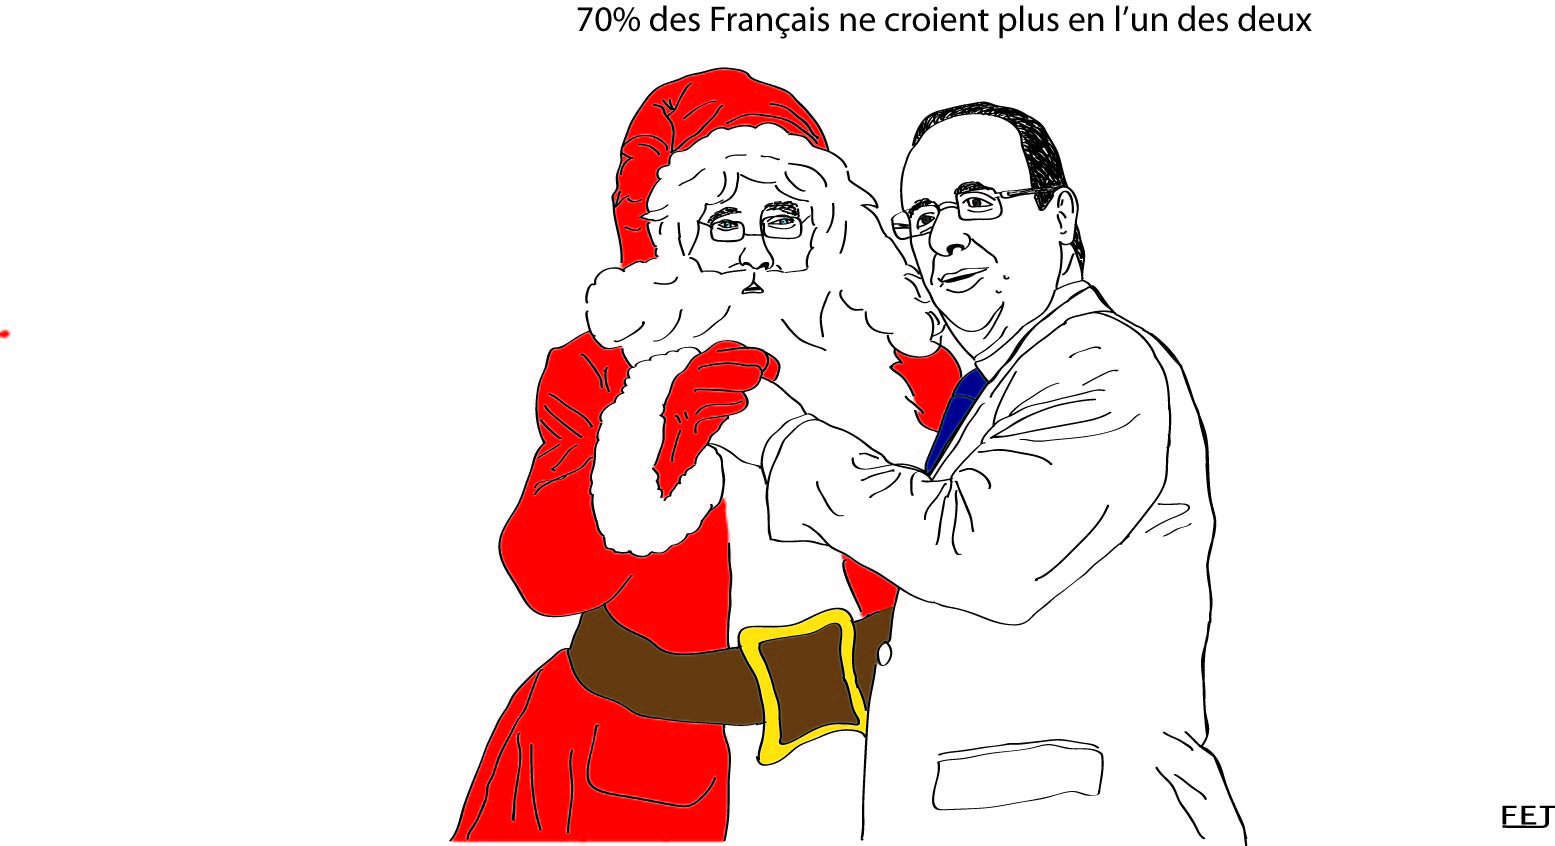 L 39 actualit vue en dessins humoristiques par fej d cembre - Image humoristique pere noel ...